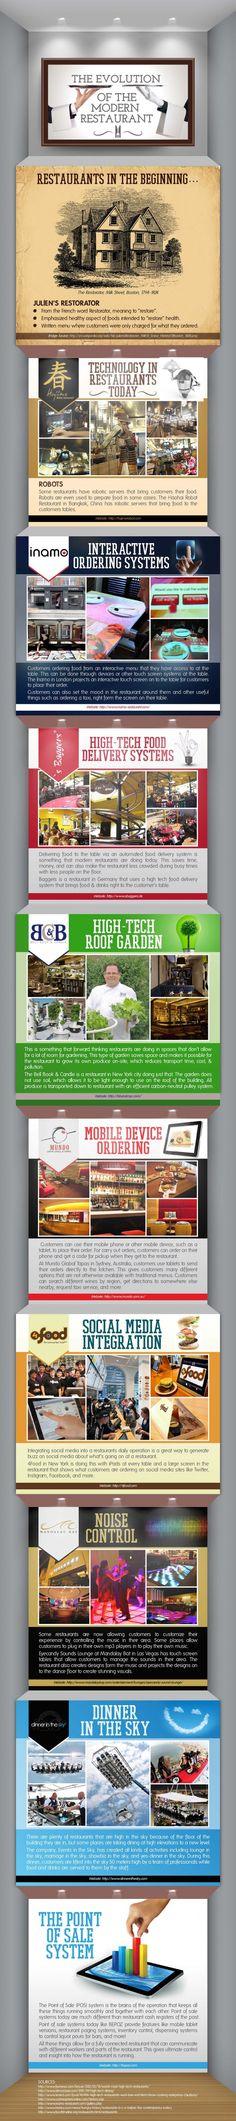 Infographic: Evolution of the Modern Restaurant